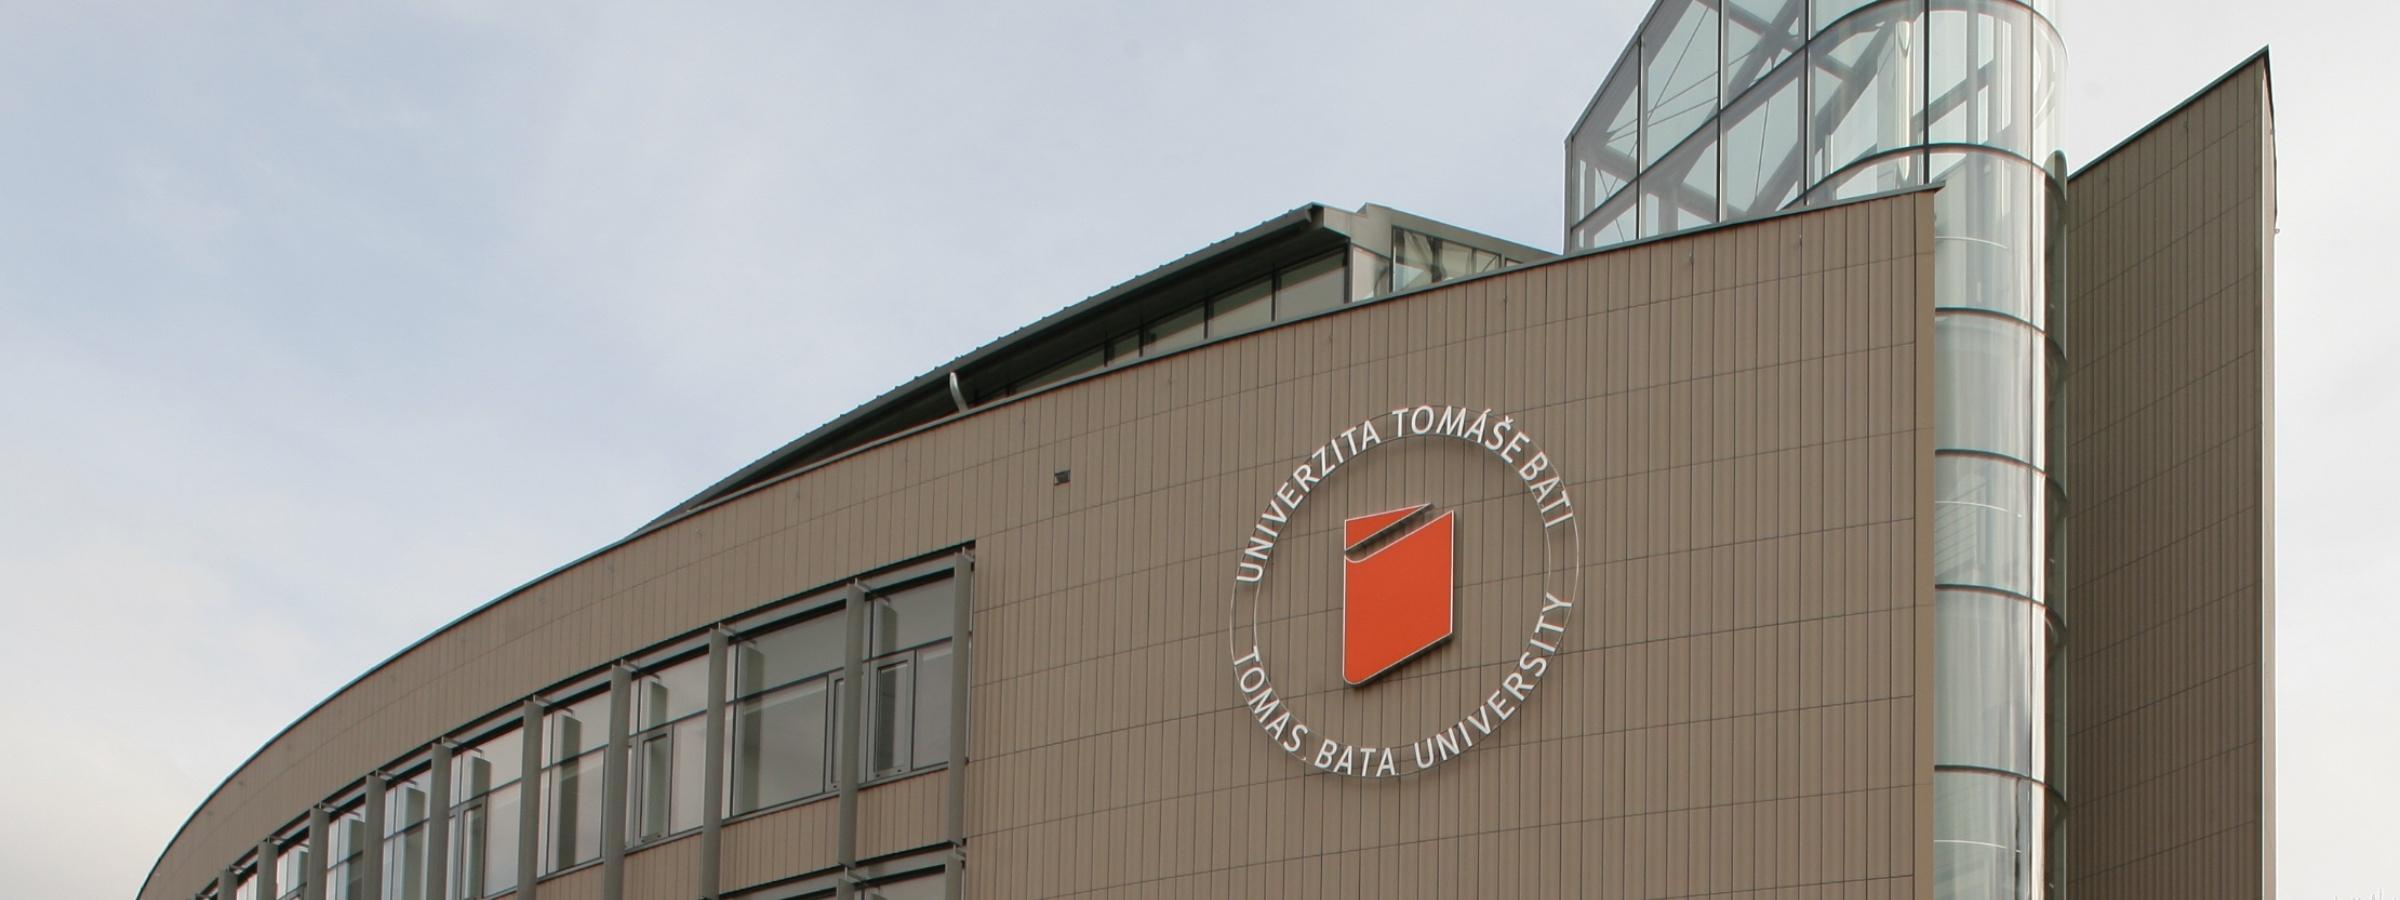 Univerzitní-centrum-UTB-Zlín